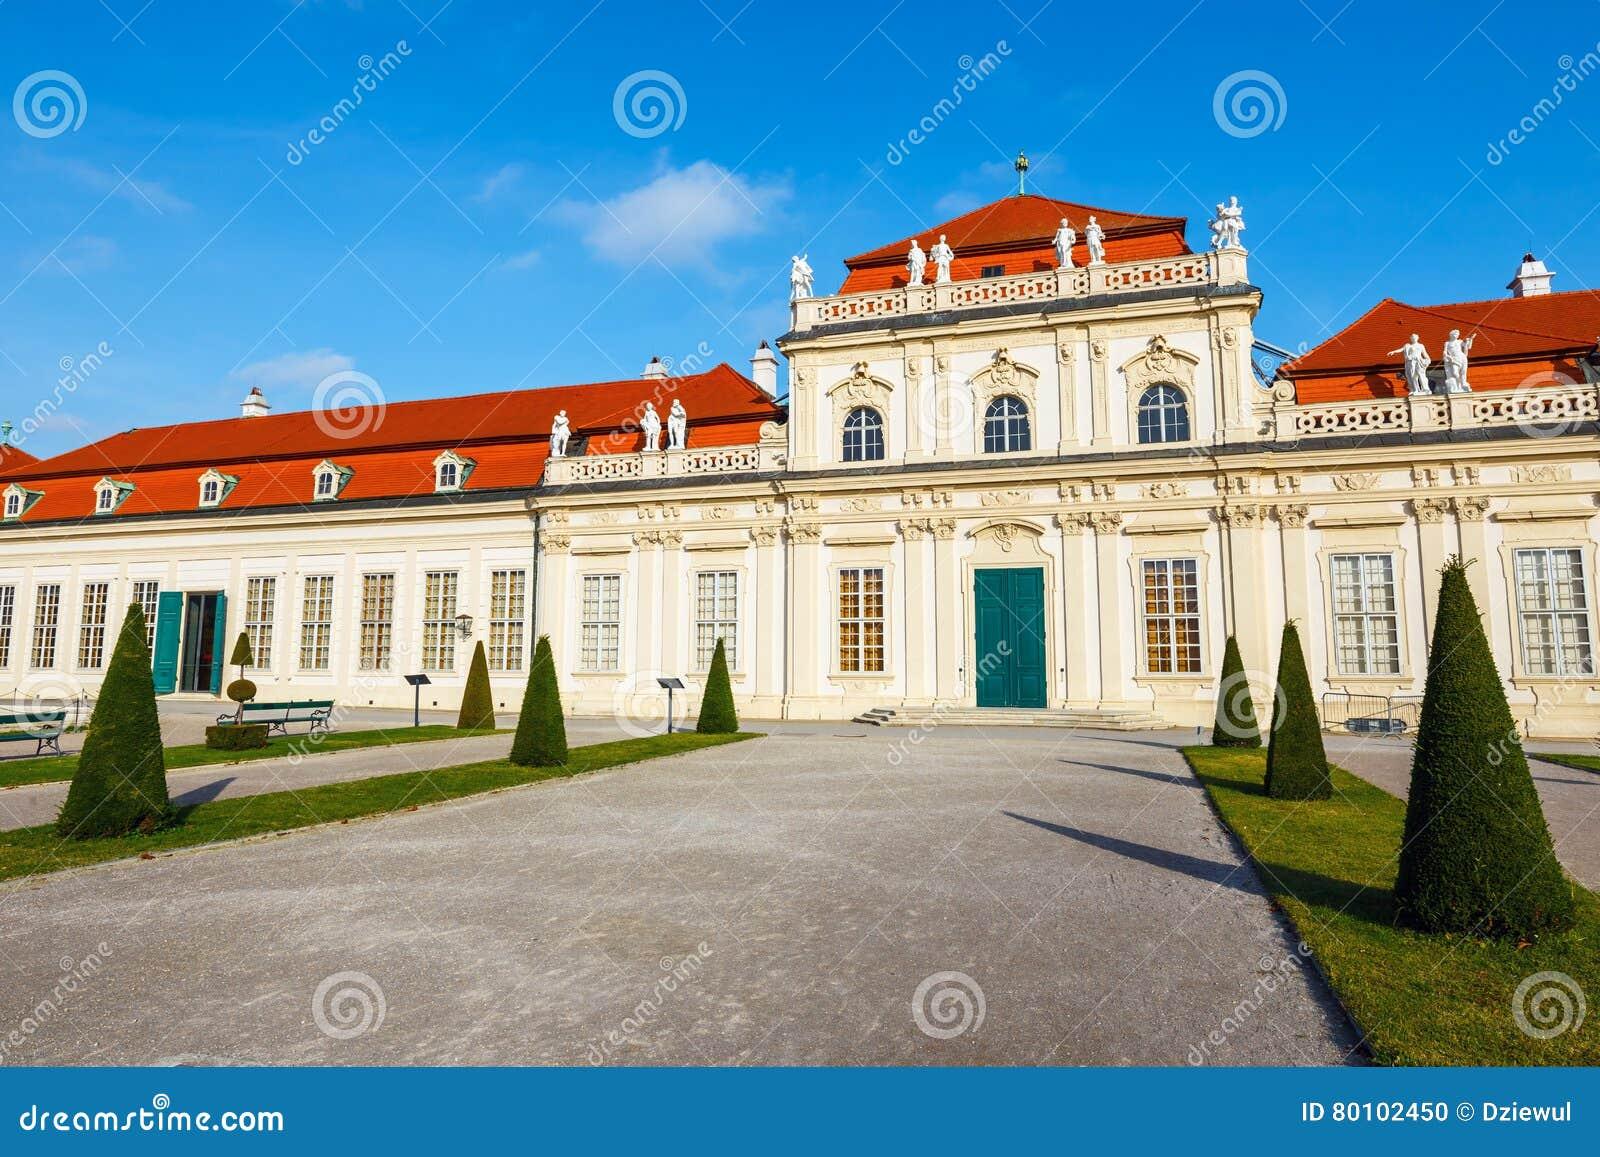 眺望楼宫殿和庭院在维也纳